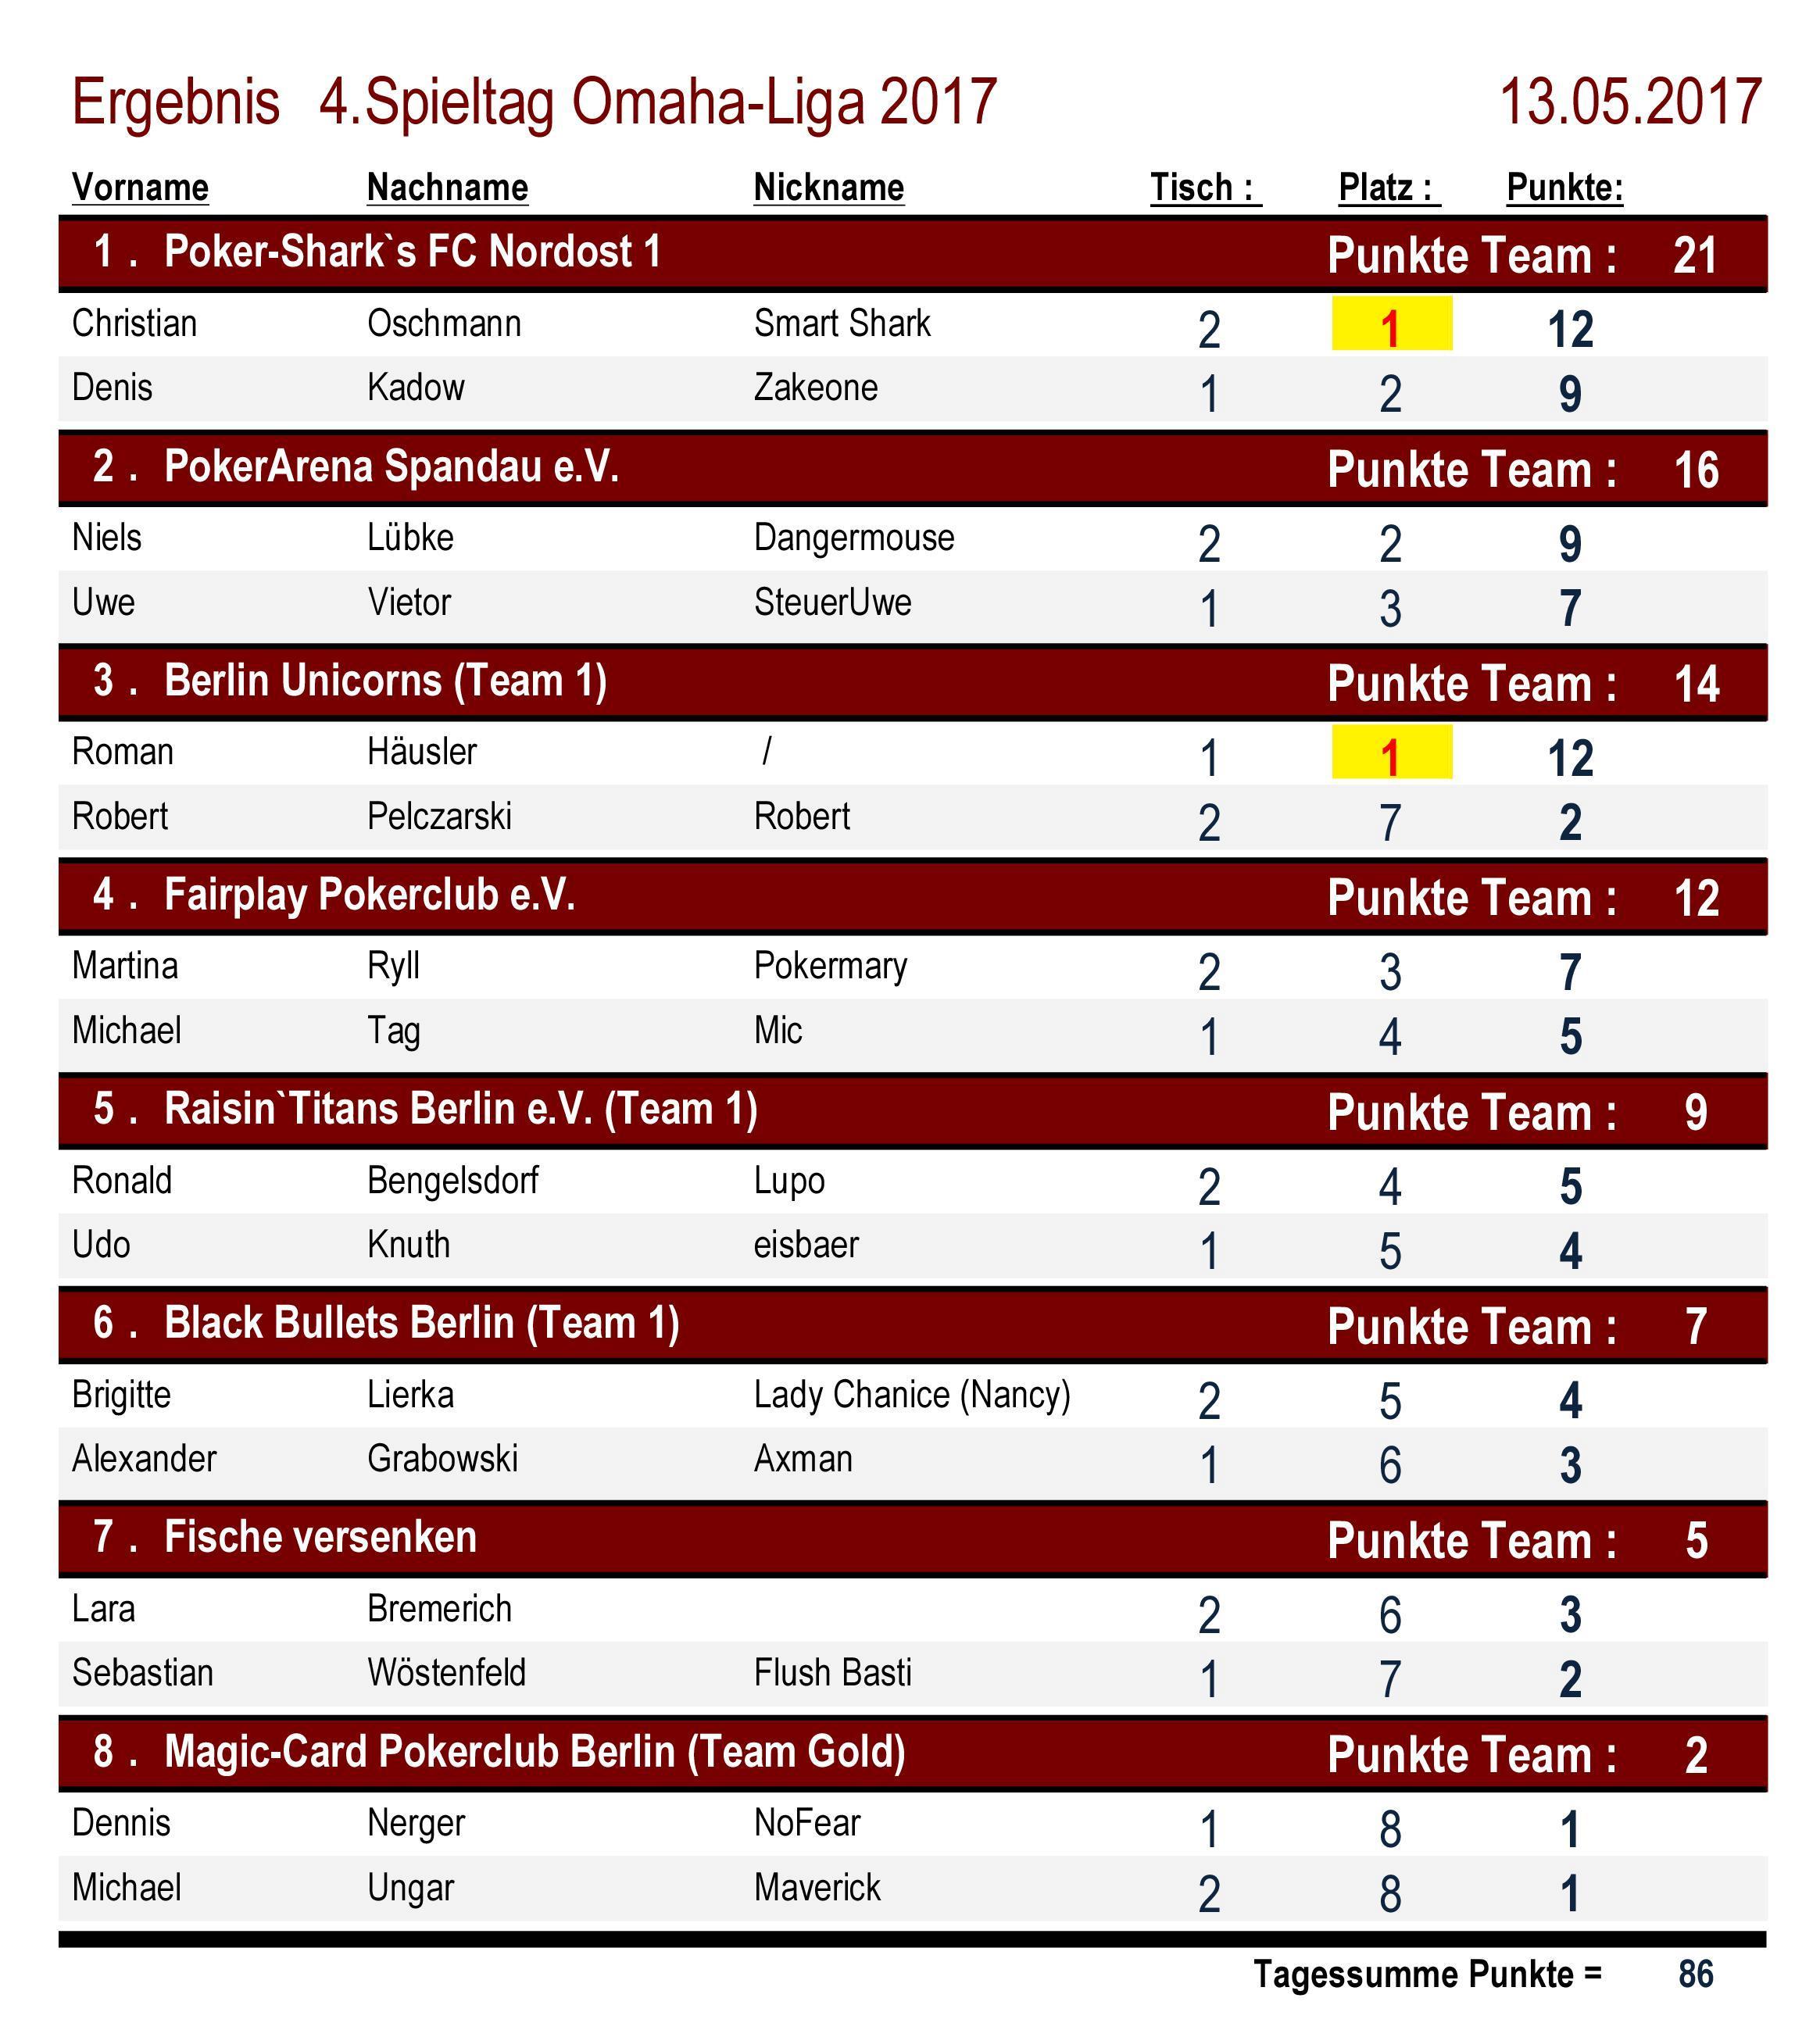 Platzierungen Omaha-Liga 4.Spieltag 2017